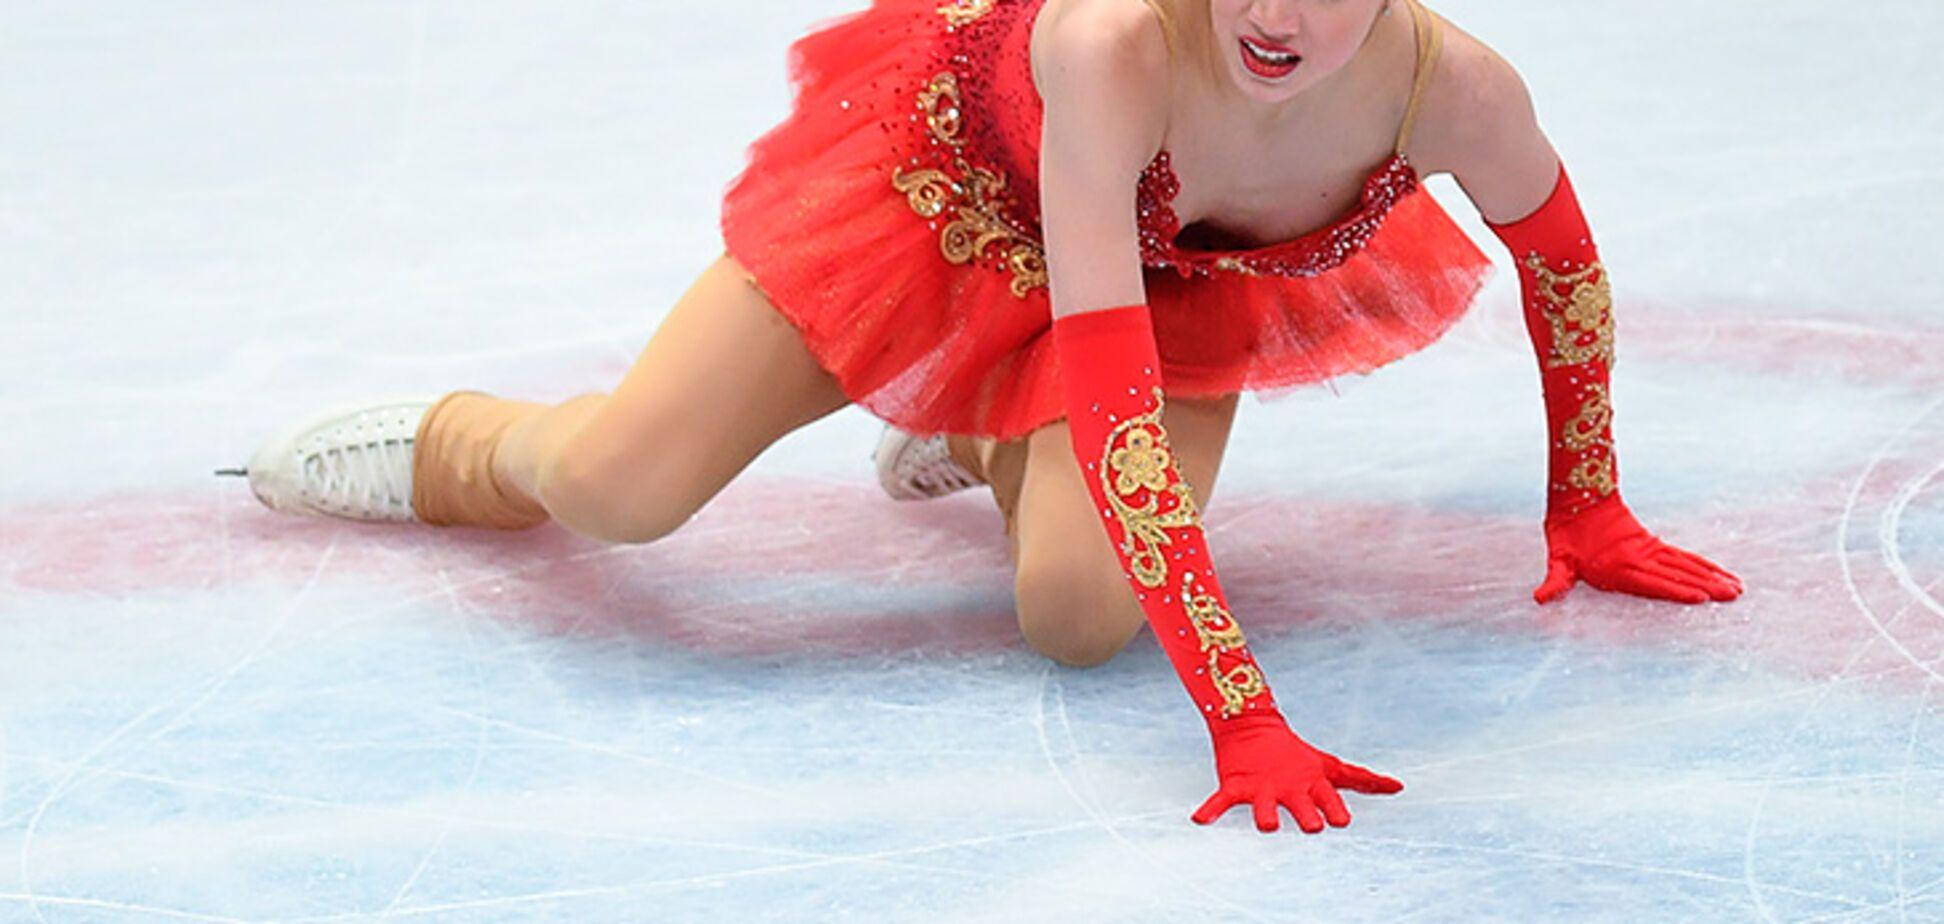 15-летняя олимпийская чемпионка, с которой нарушил закон Путин, опозорилась на ЧМ